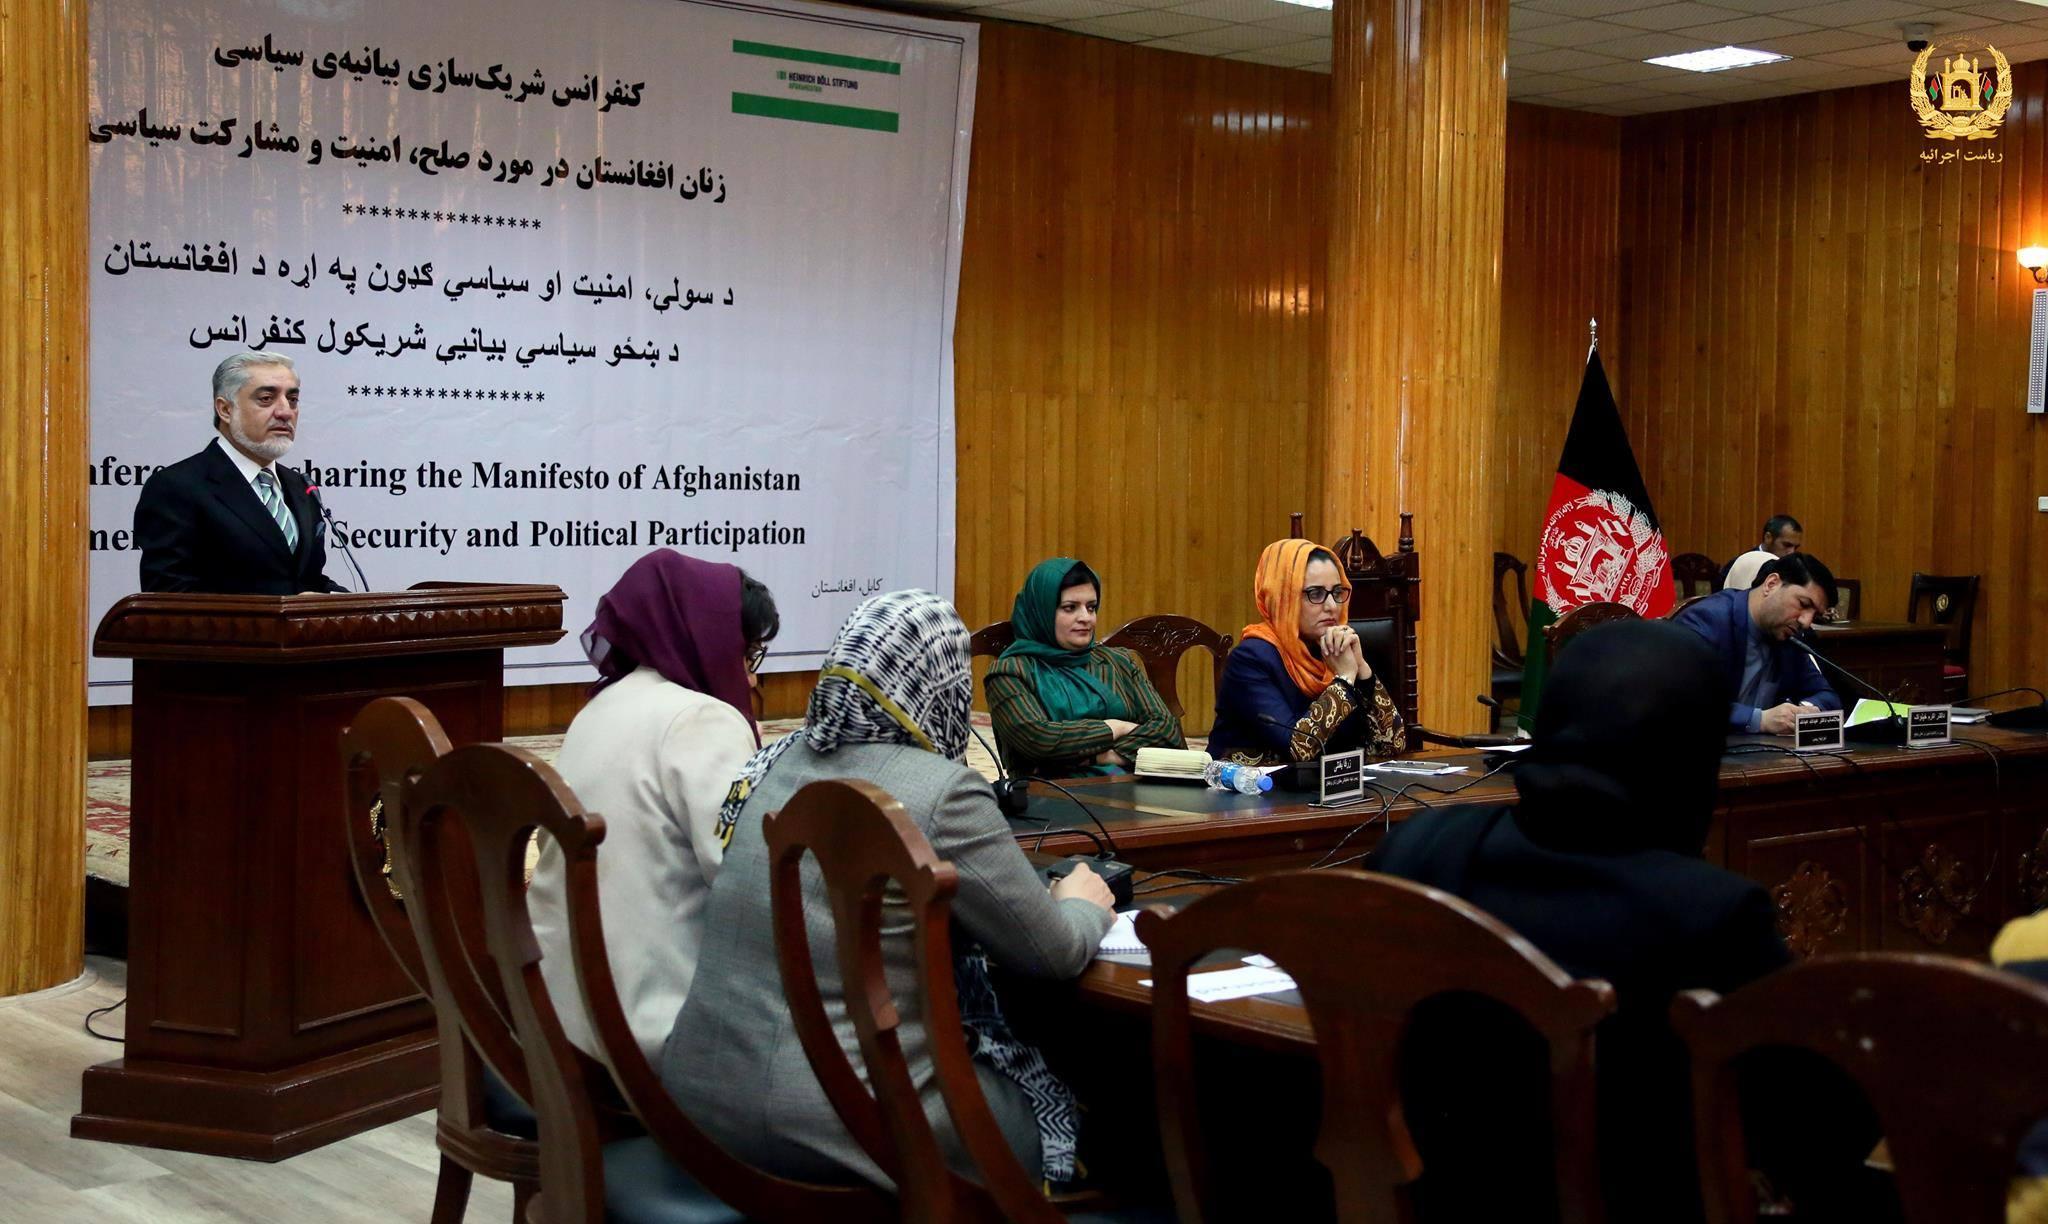 رییس اجراییه کشور در کنفرانس شریکسازی بیانیهٔ سیاسی زنان: صلح و توسعه بدون مشارکت فعال زنان ممکن نیست